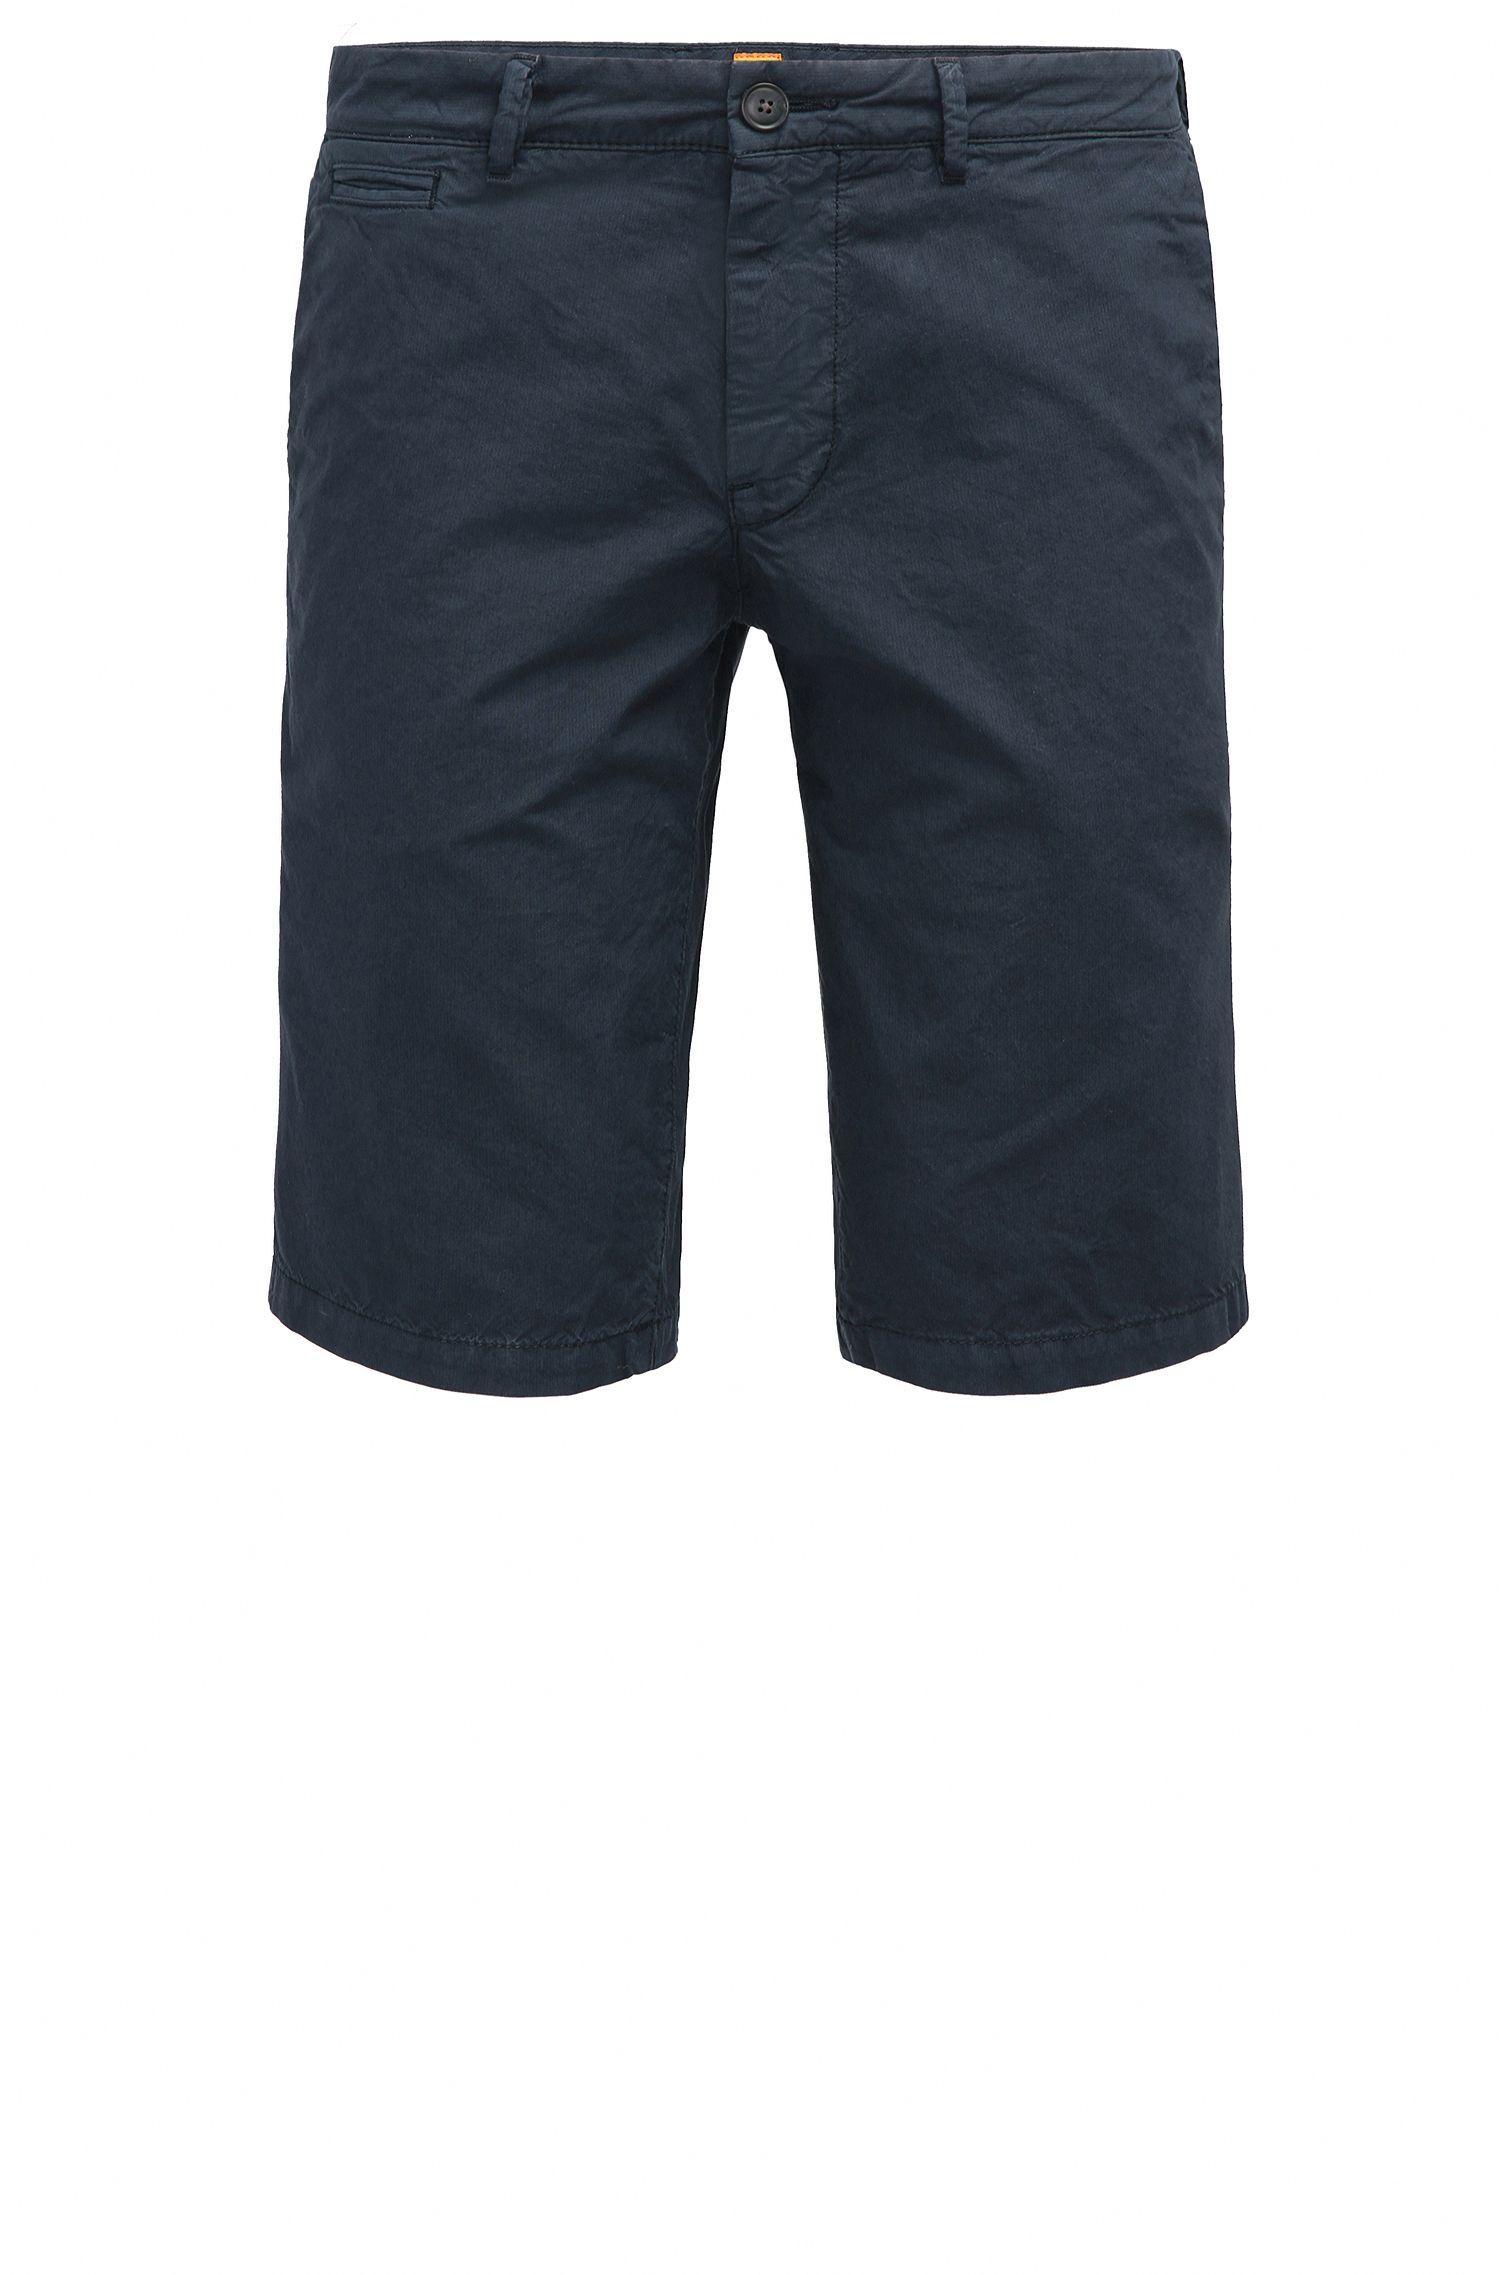 Short Slim Fit en coton avec poches dissimulées